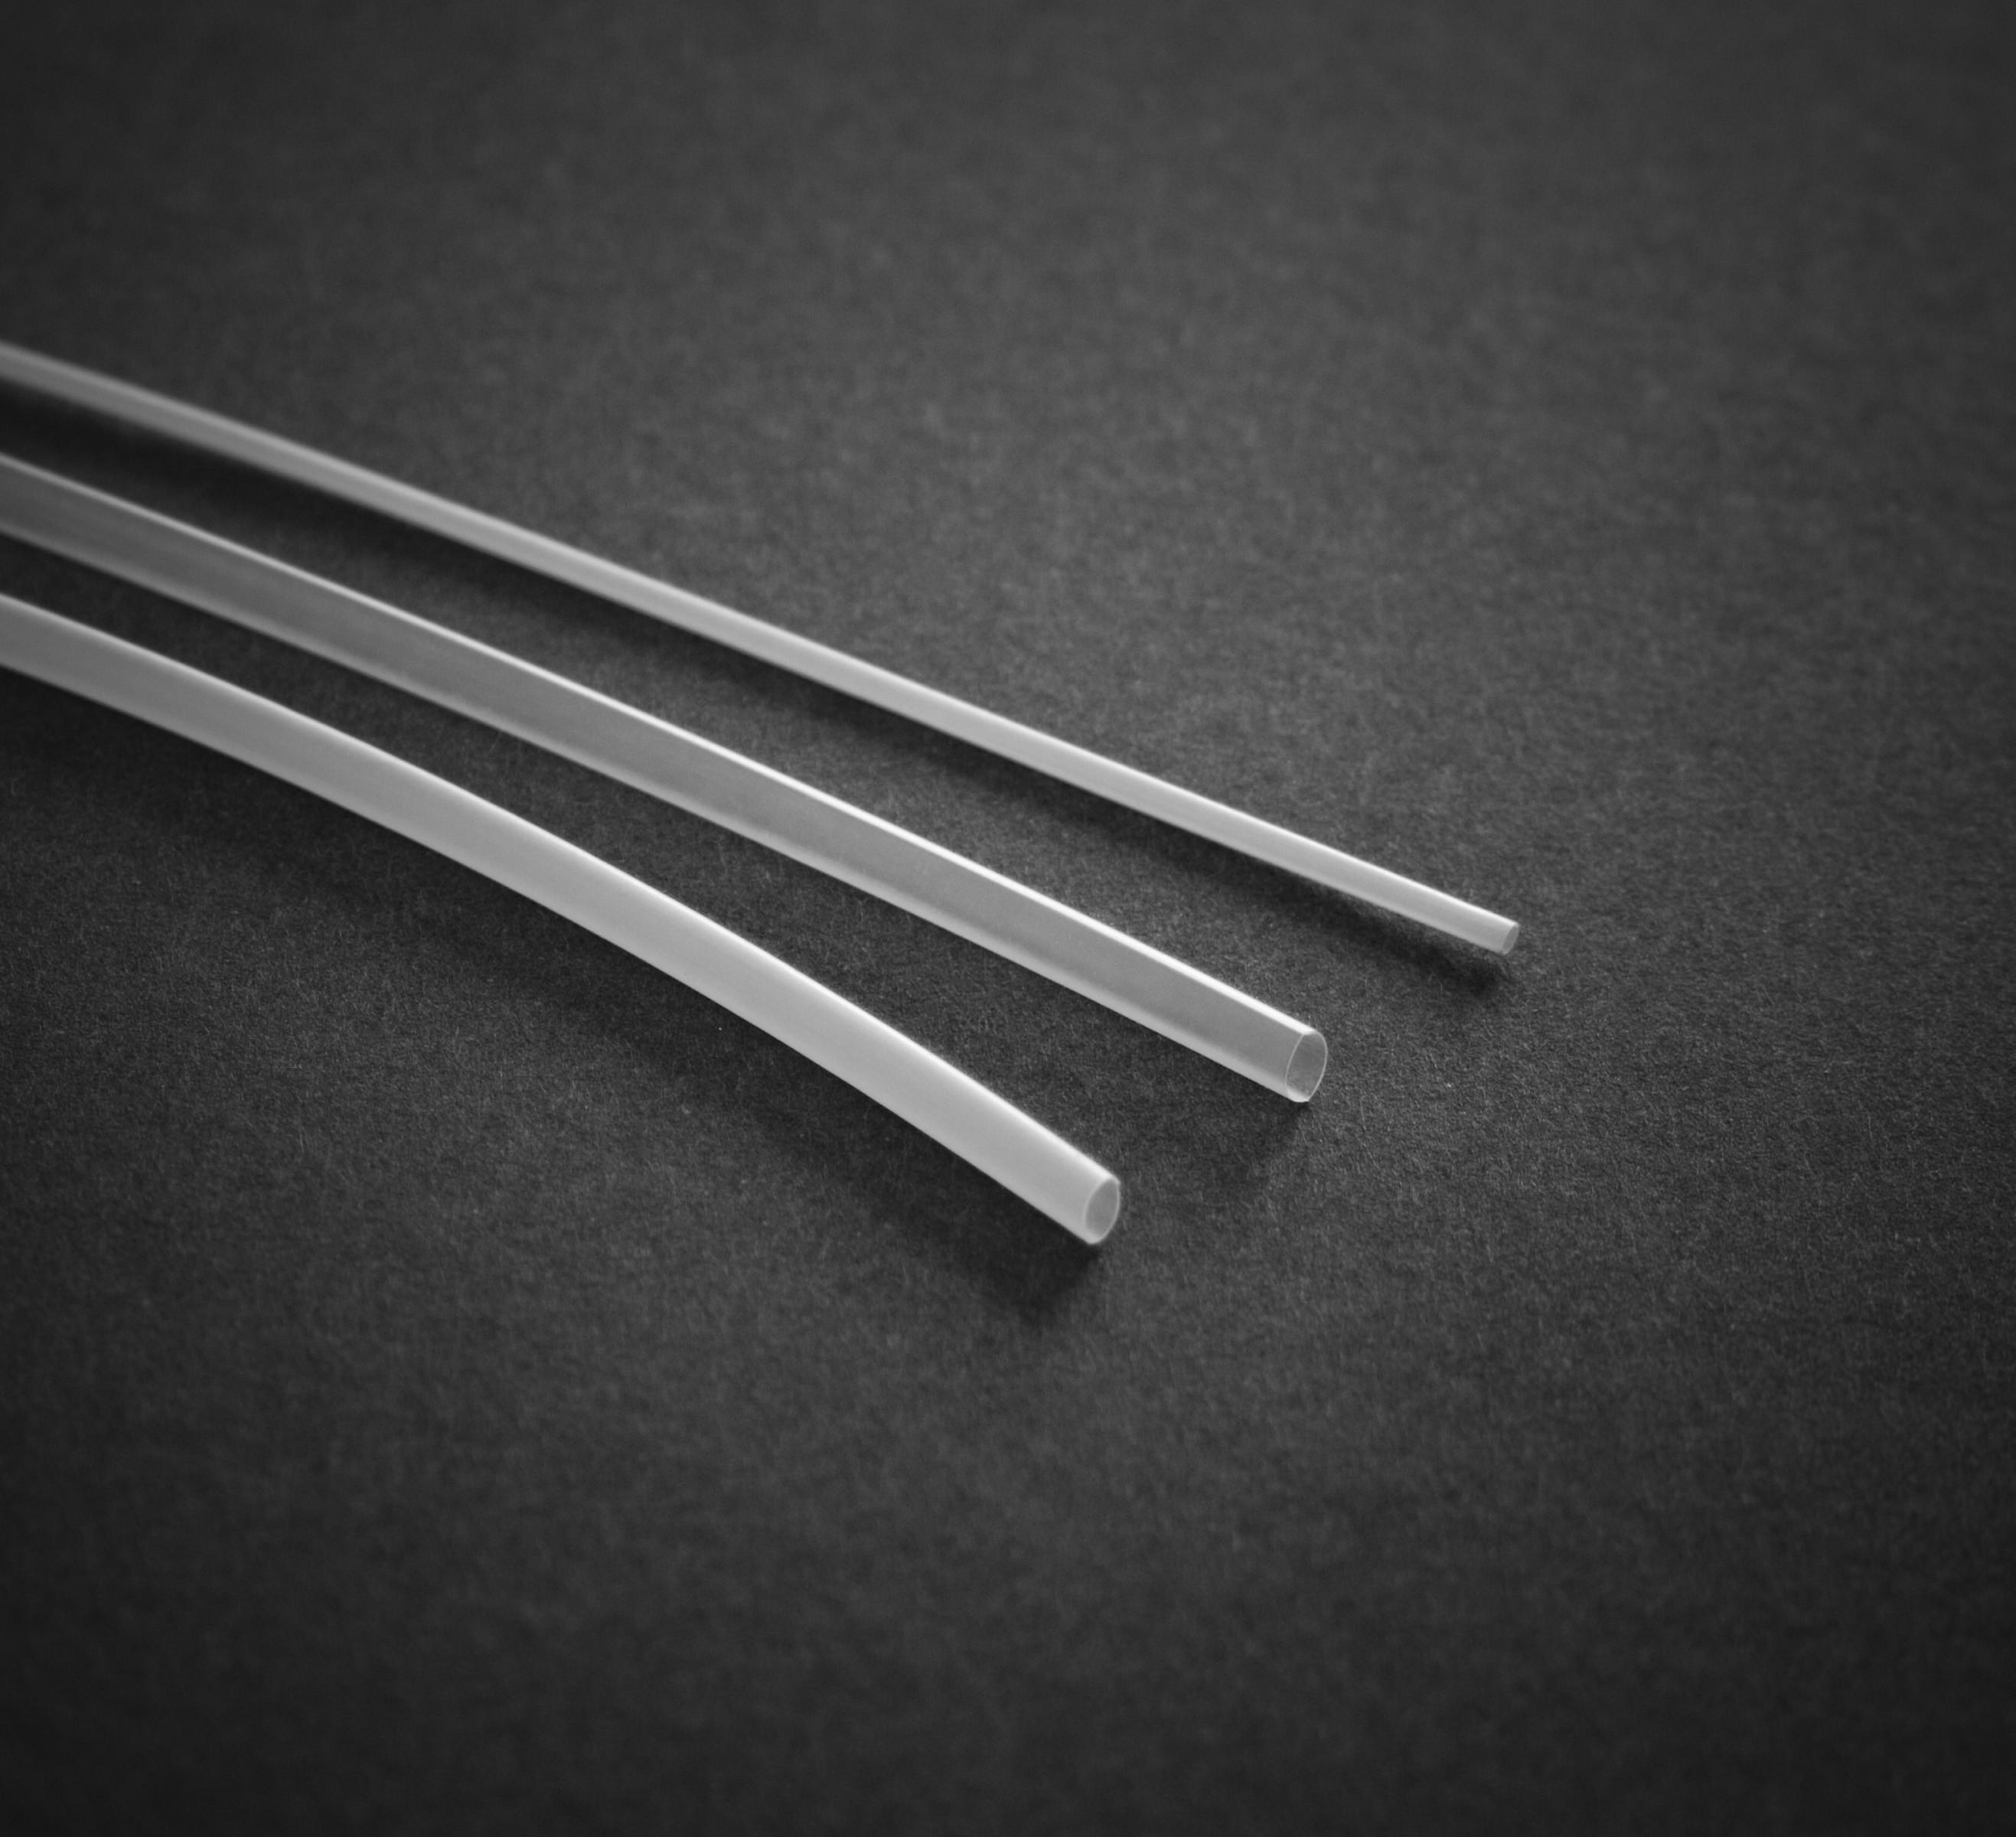 KYNAR Heat Shrink Tubing HKY size 6.4mm I.D / 3.2mm I.D